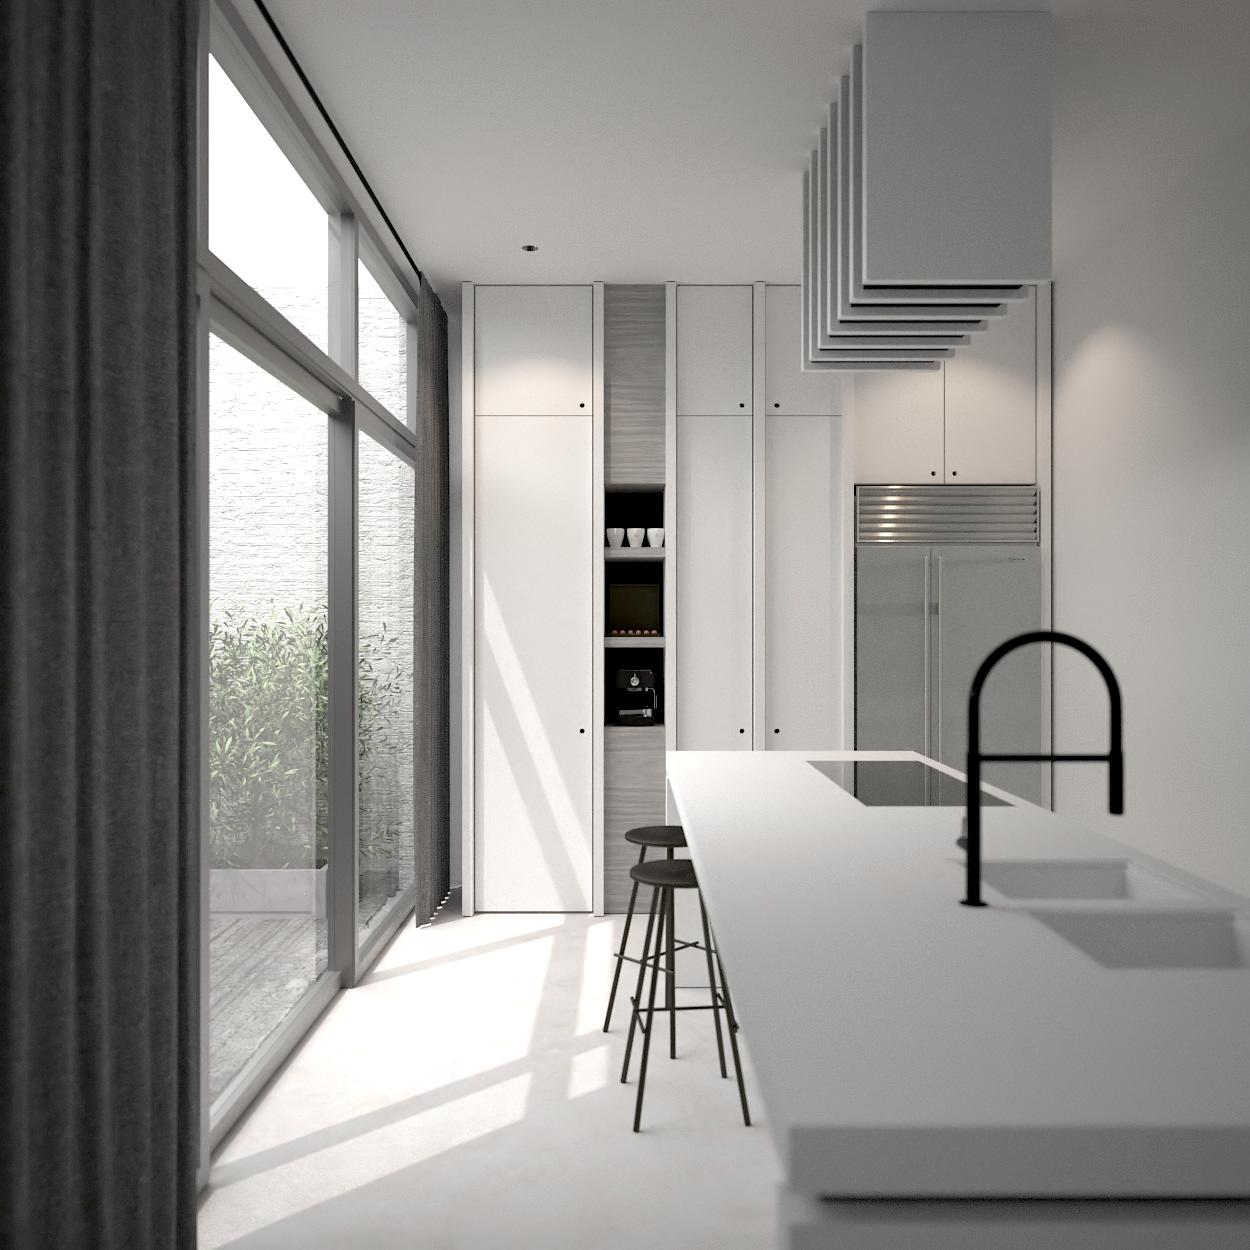 apartment in sint niklaas belgiumad office | interior